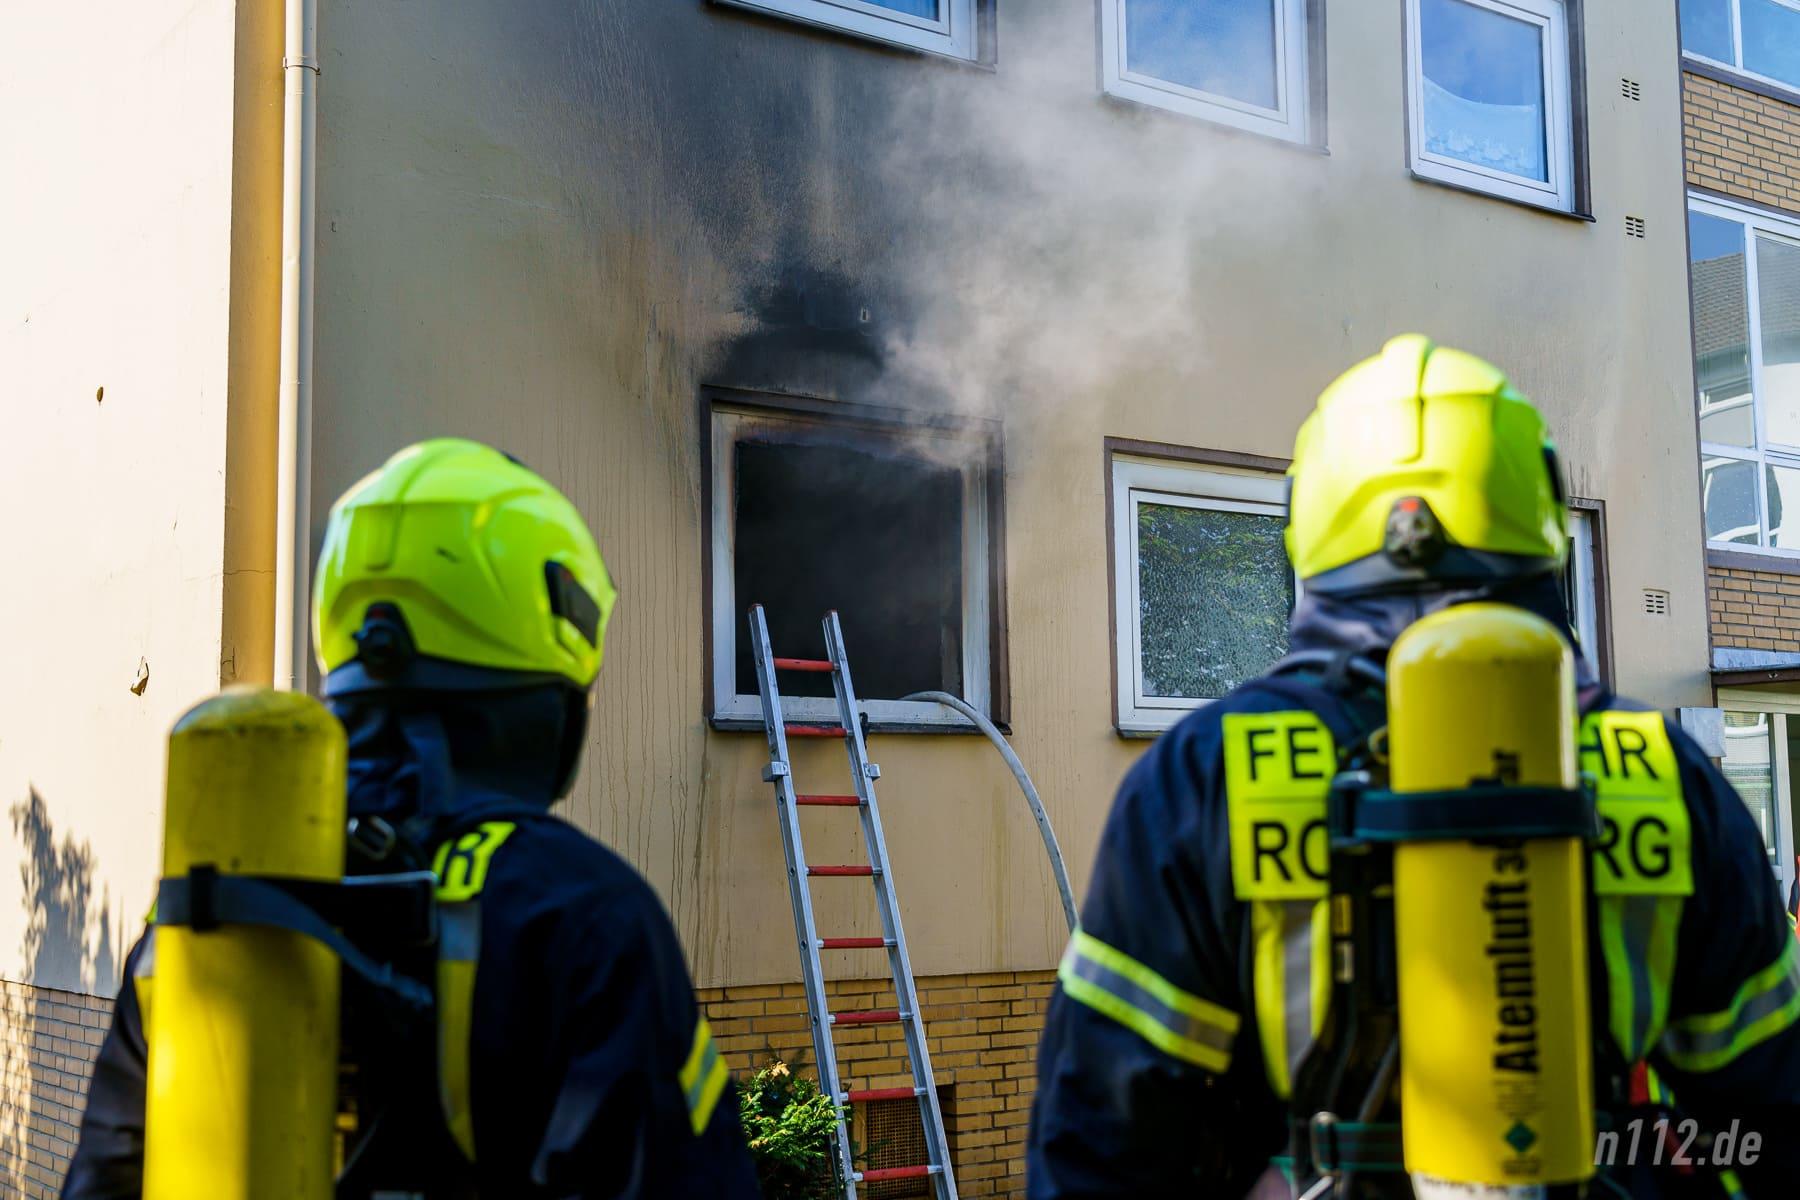 Rauch quillt aus dem Fenster im Erdgeschoss an der Horster Straße (Foto: n112.de/Stefan Simonsen)